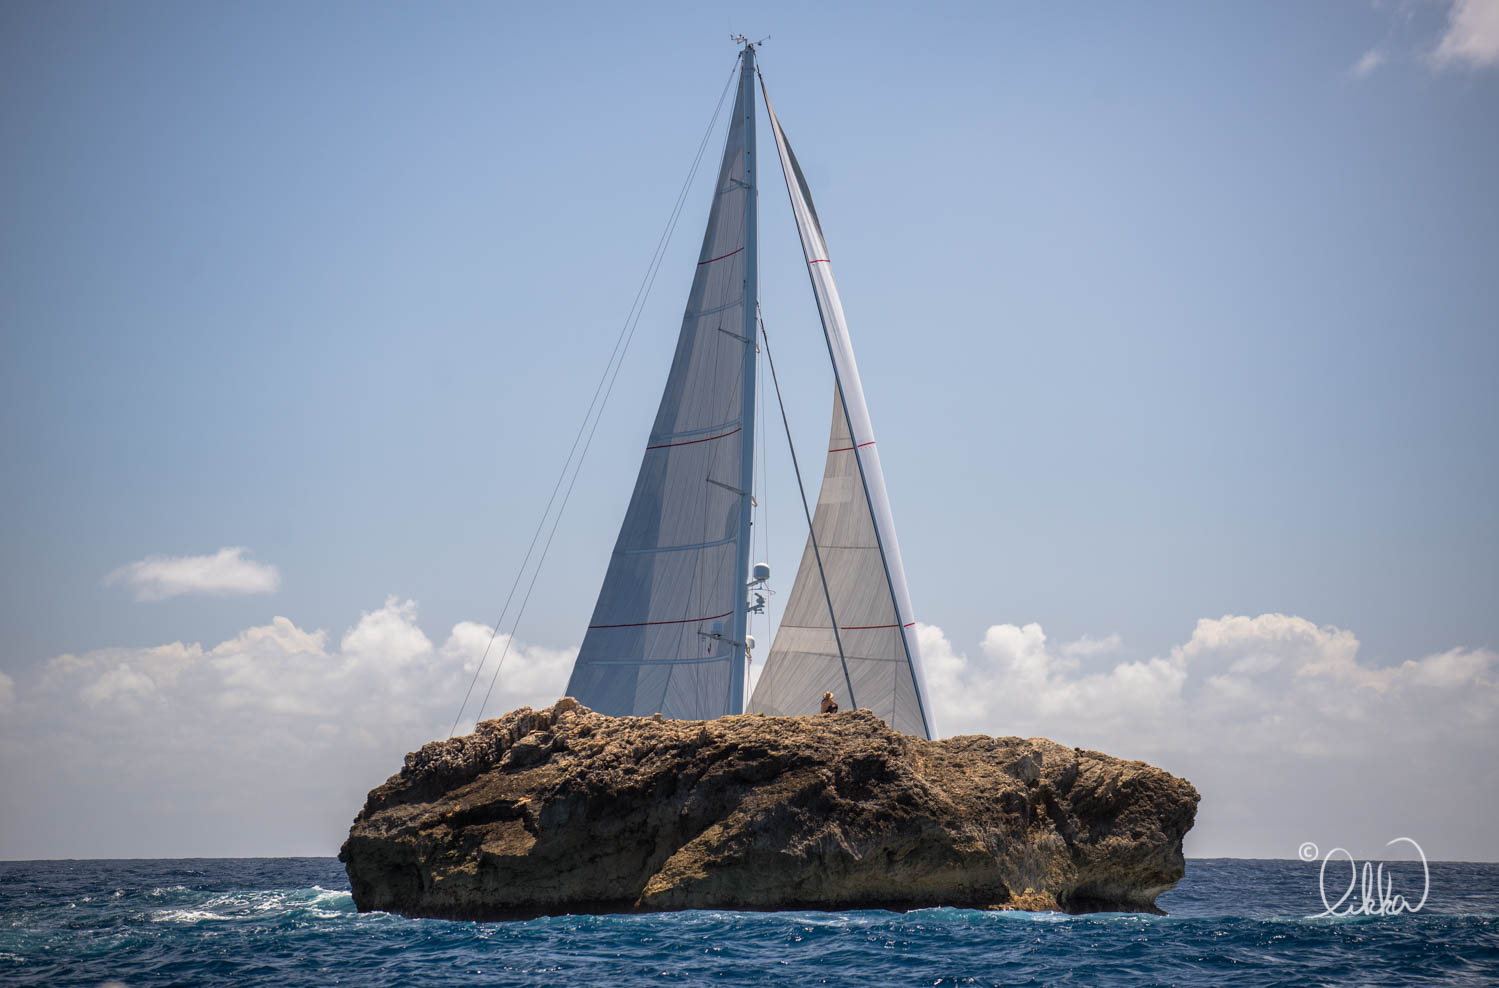 regatta-likka-189.jpg